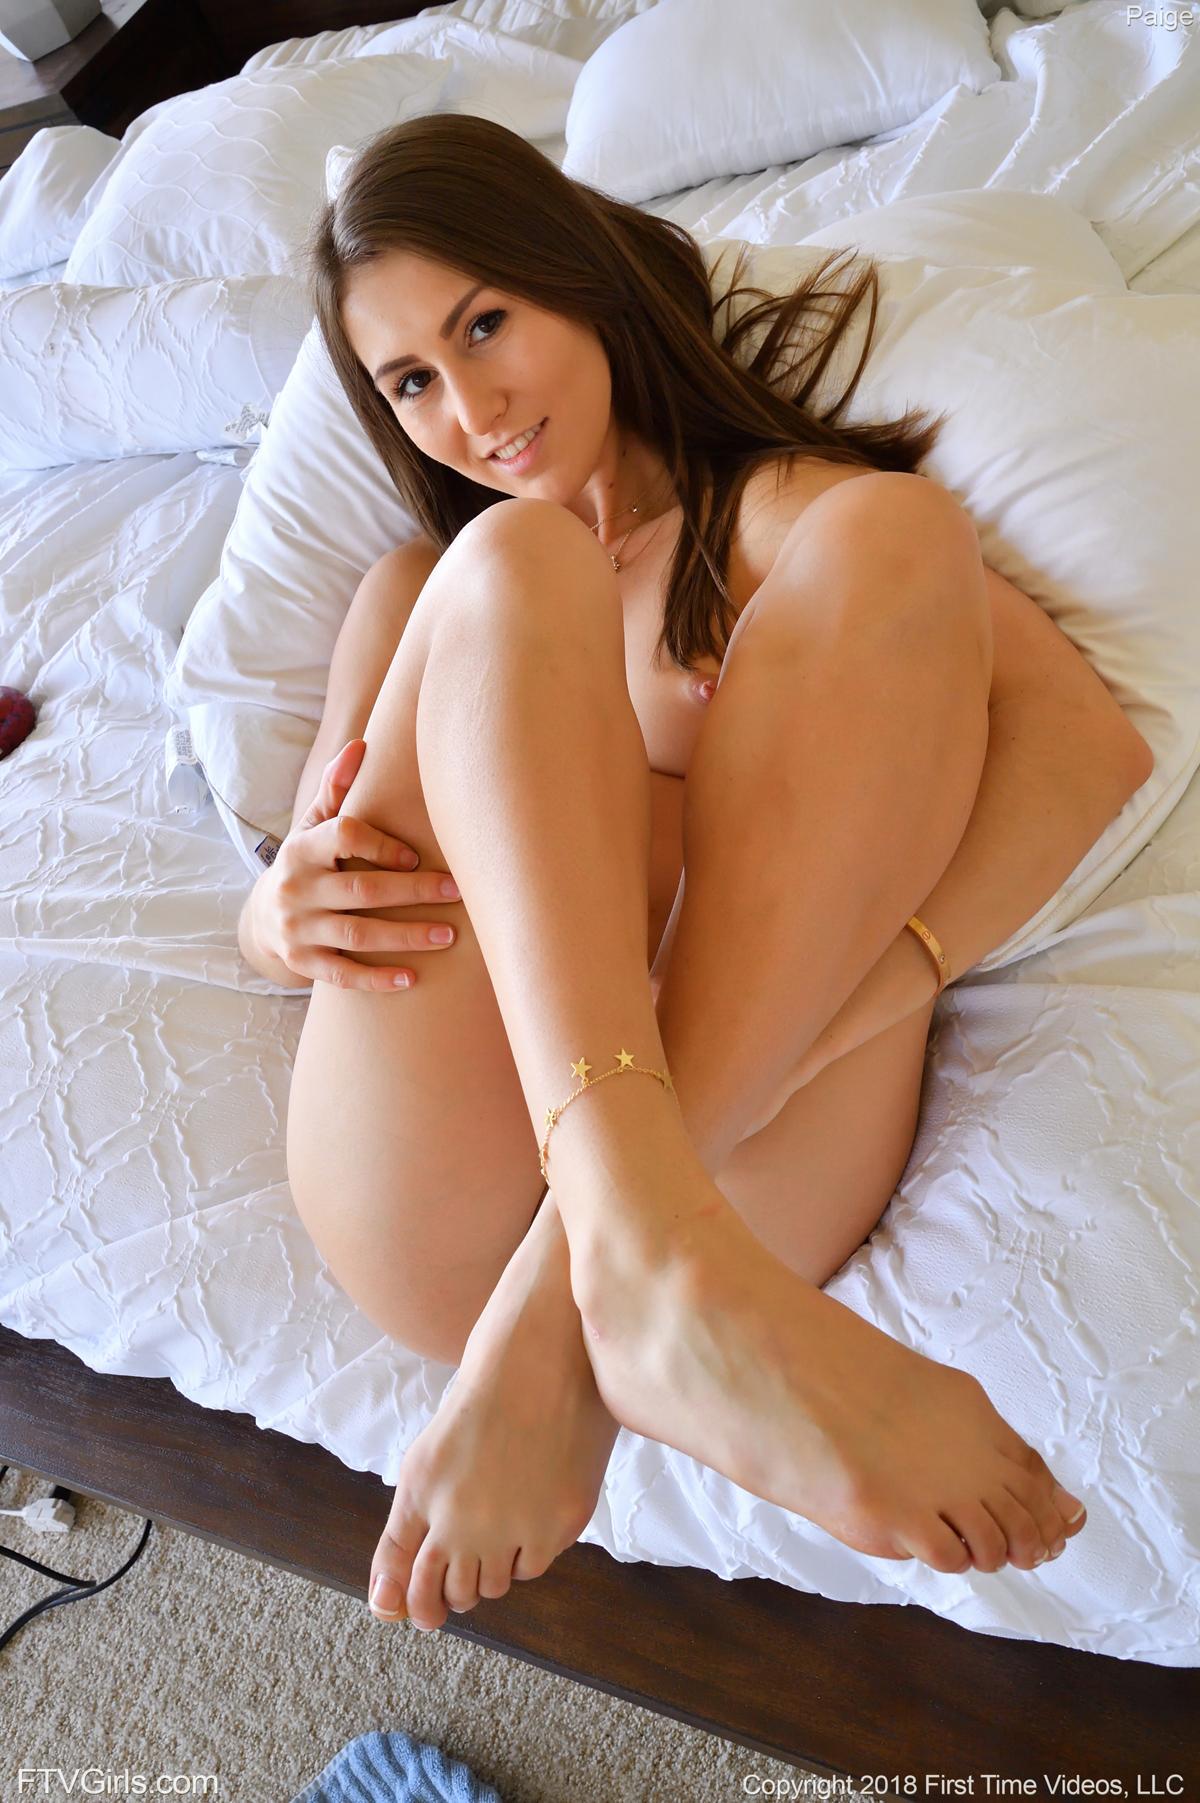 http://content9.novoglam.com/ftvgirls.com/6565/07.jpg